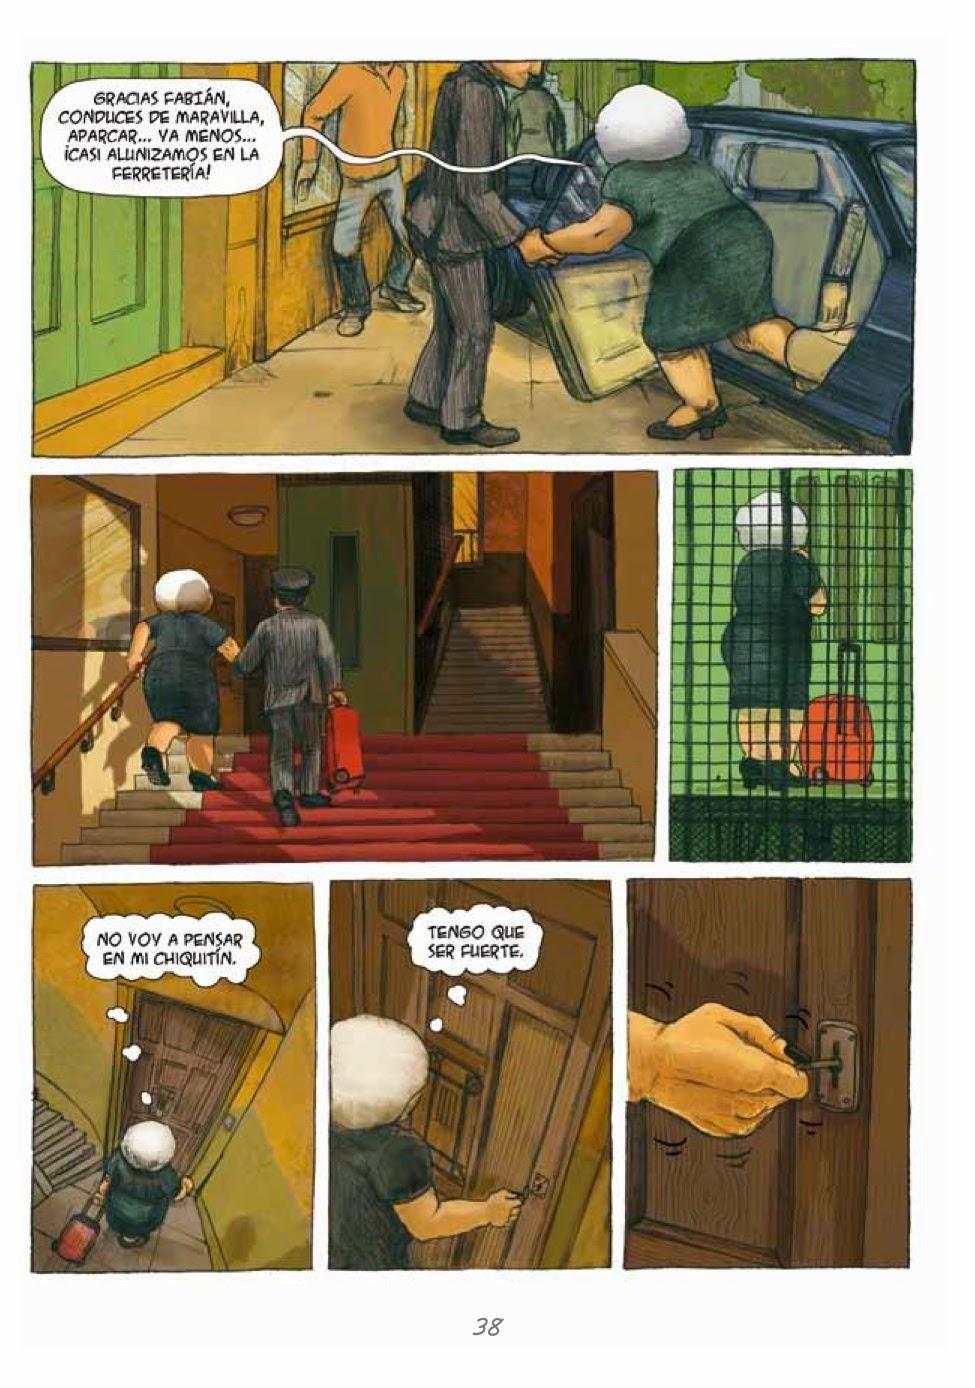 Recuerdos de Perrito de Mierda # 38 by Marta Alonso Berna, Dibbuks, March, 2014